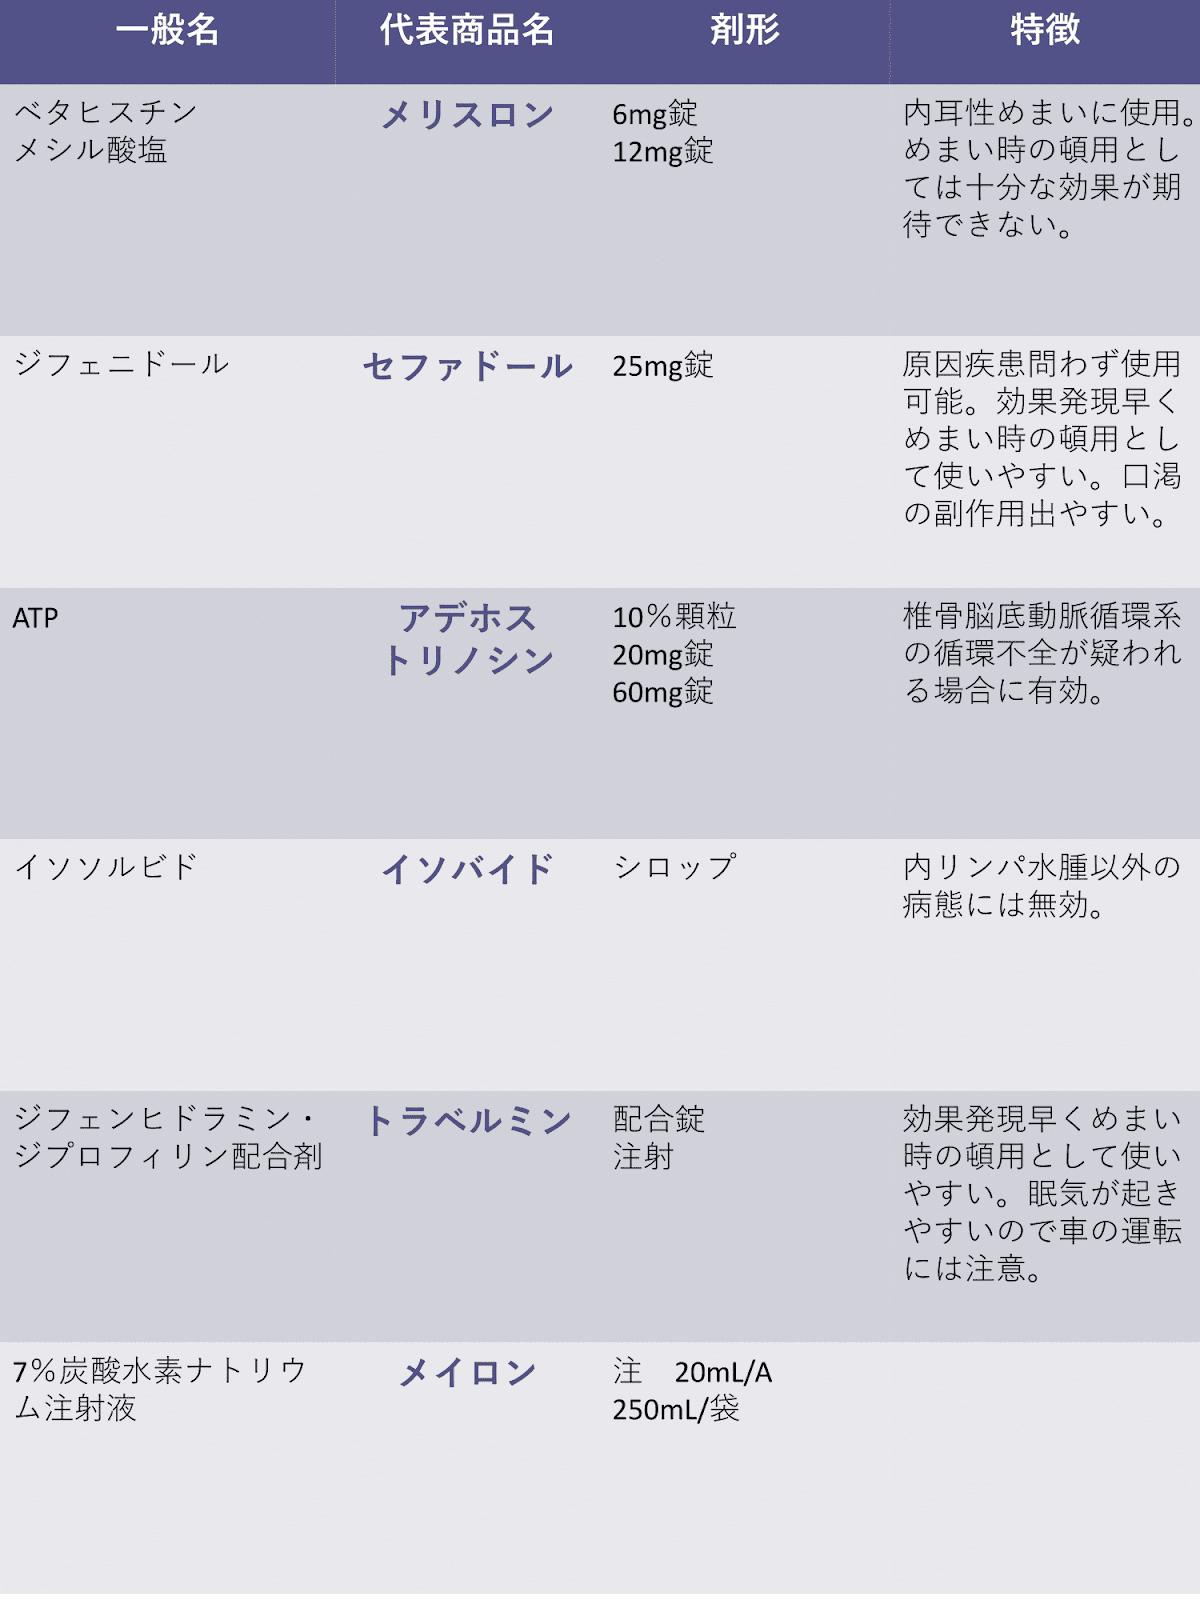 メシル ベタ ヒス チン 医療用医薬品 :